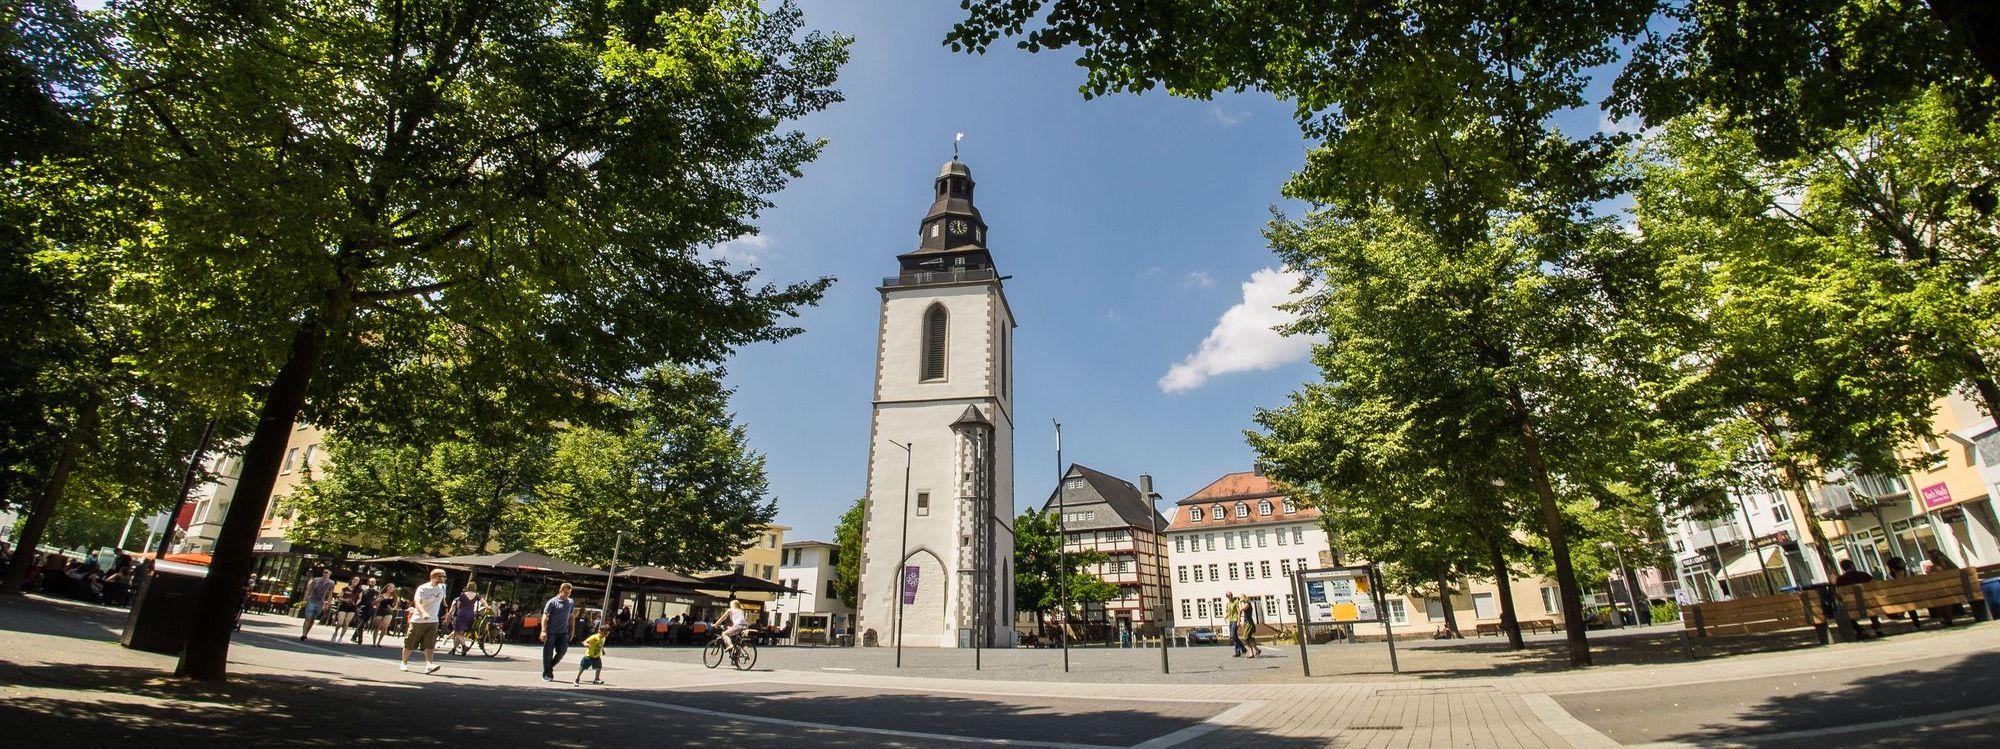 Kirchenplatz